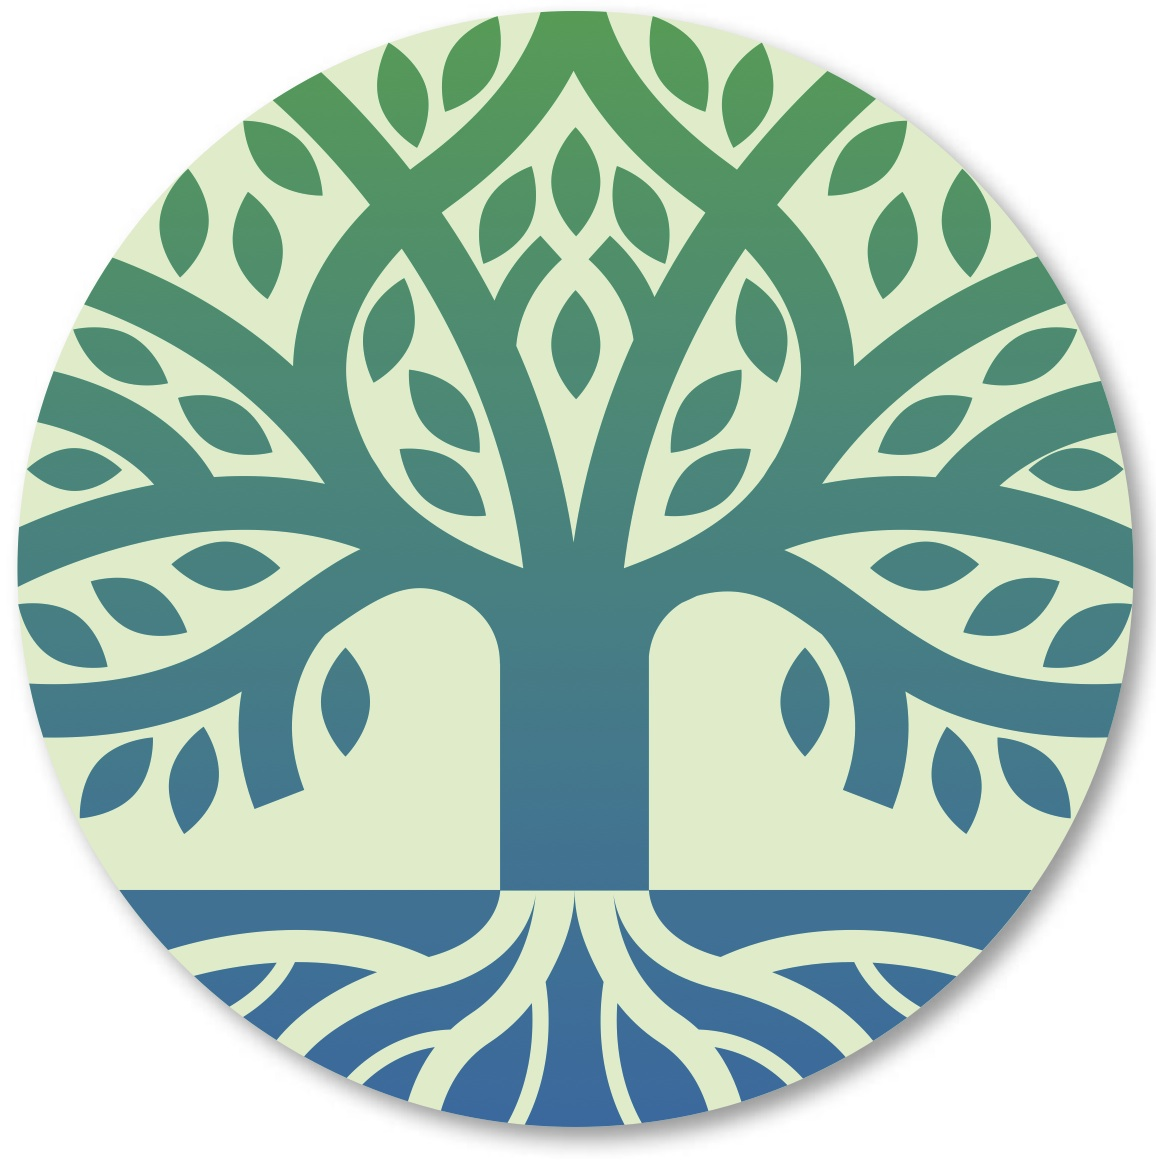 Economics of Sustainablity logo